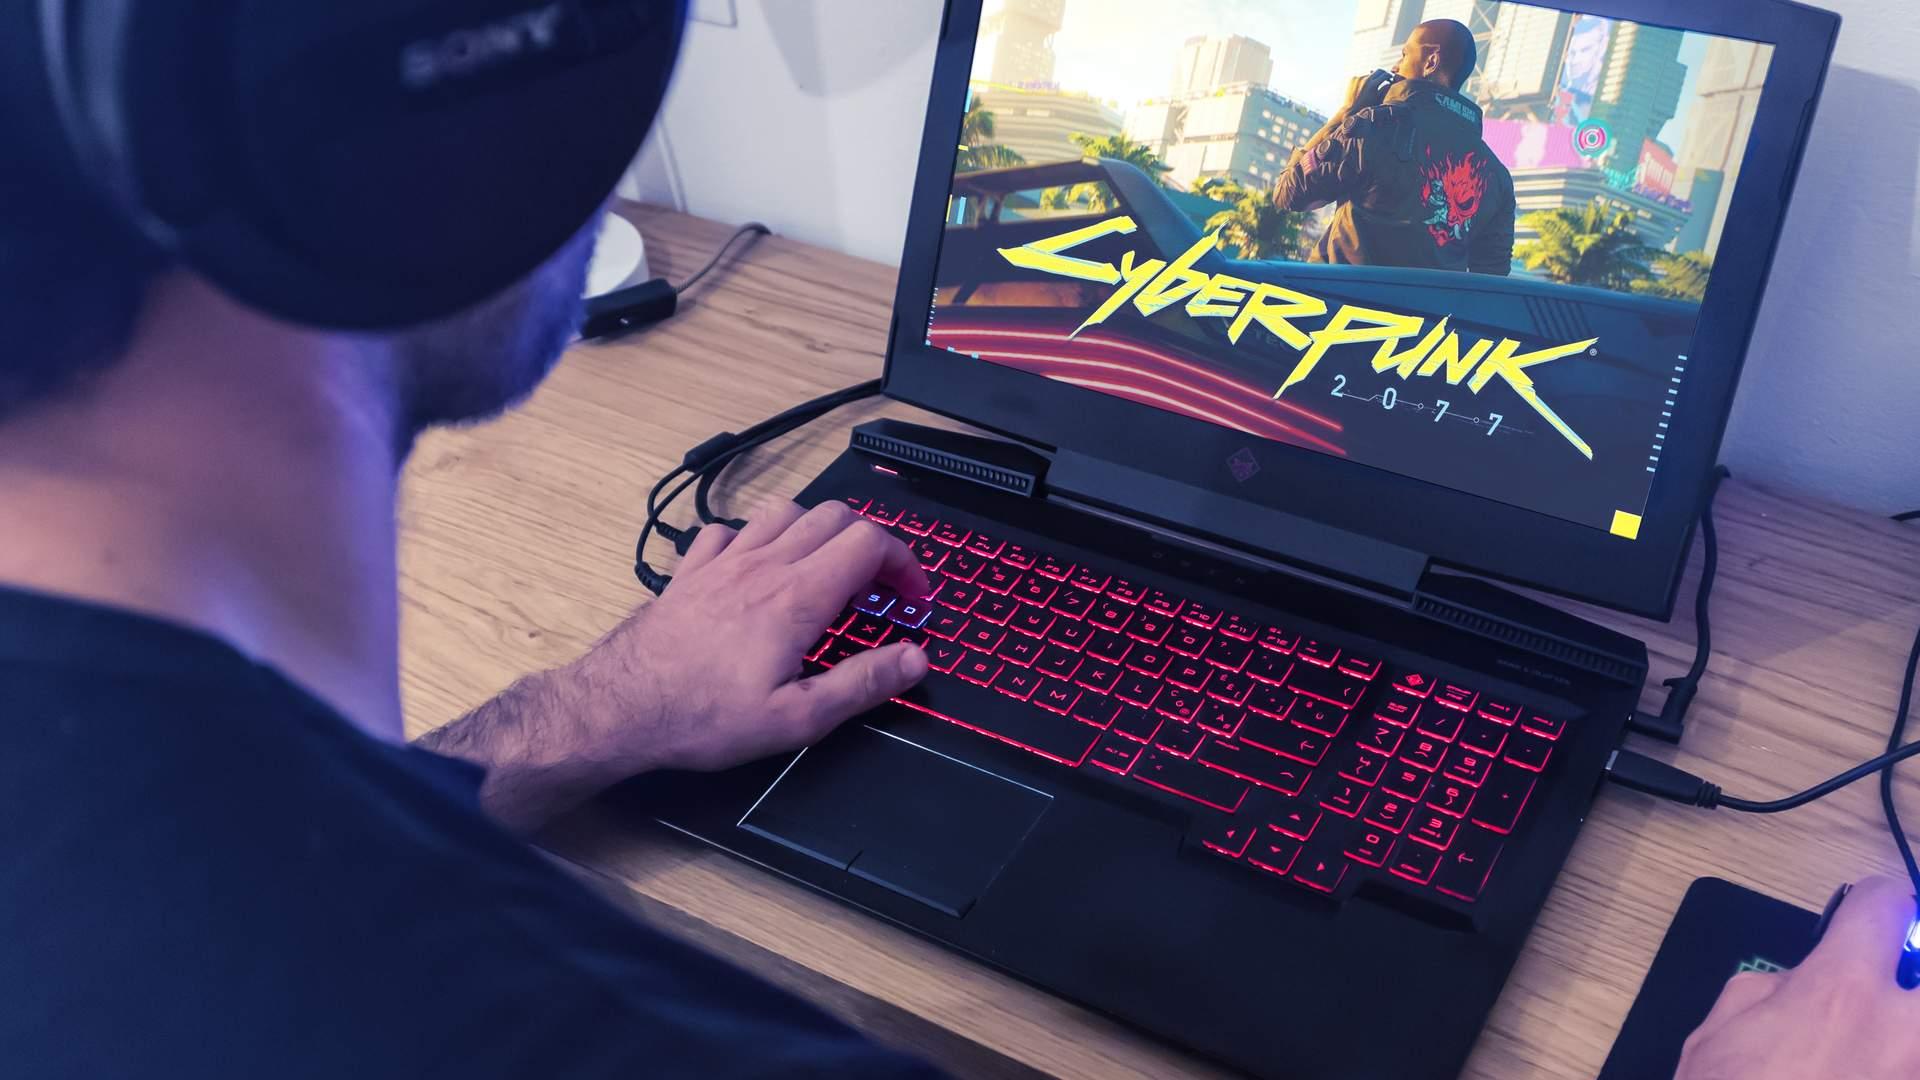 Homem jogando o game Cyberpunk 2077 em notebook preto com teclas vermelhas